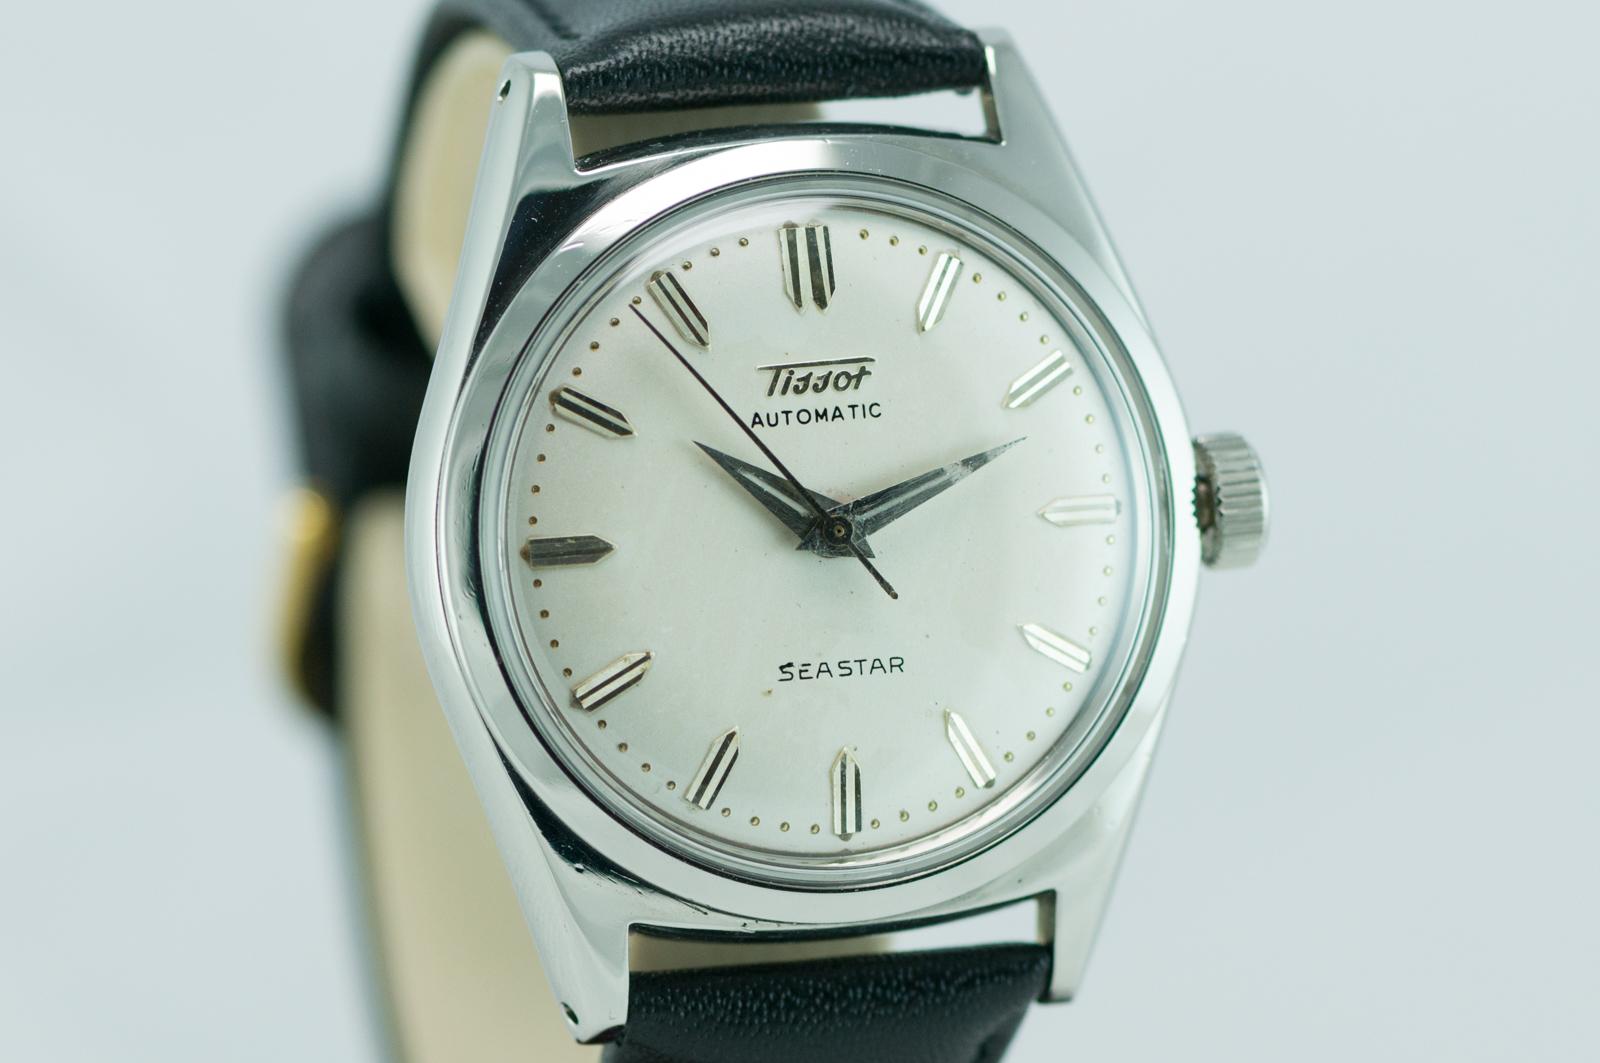 Tissot Seastar-7